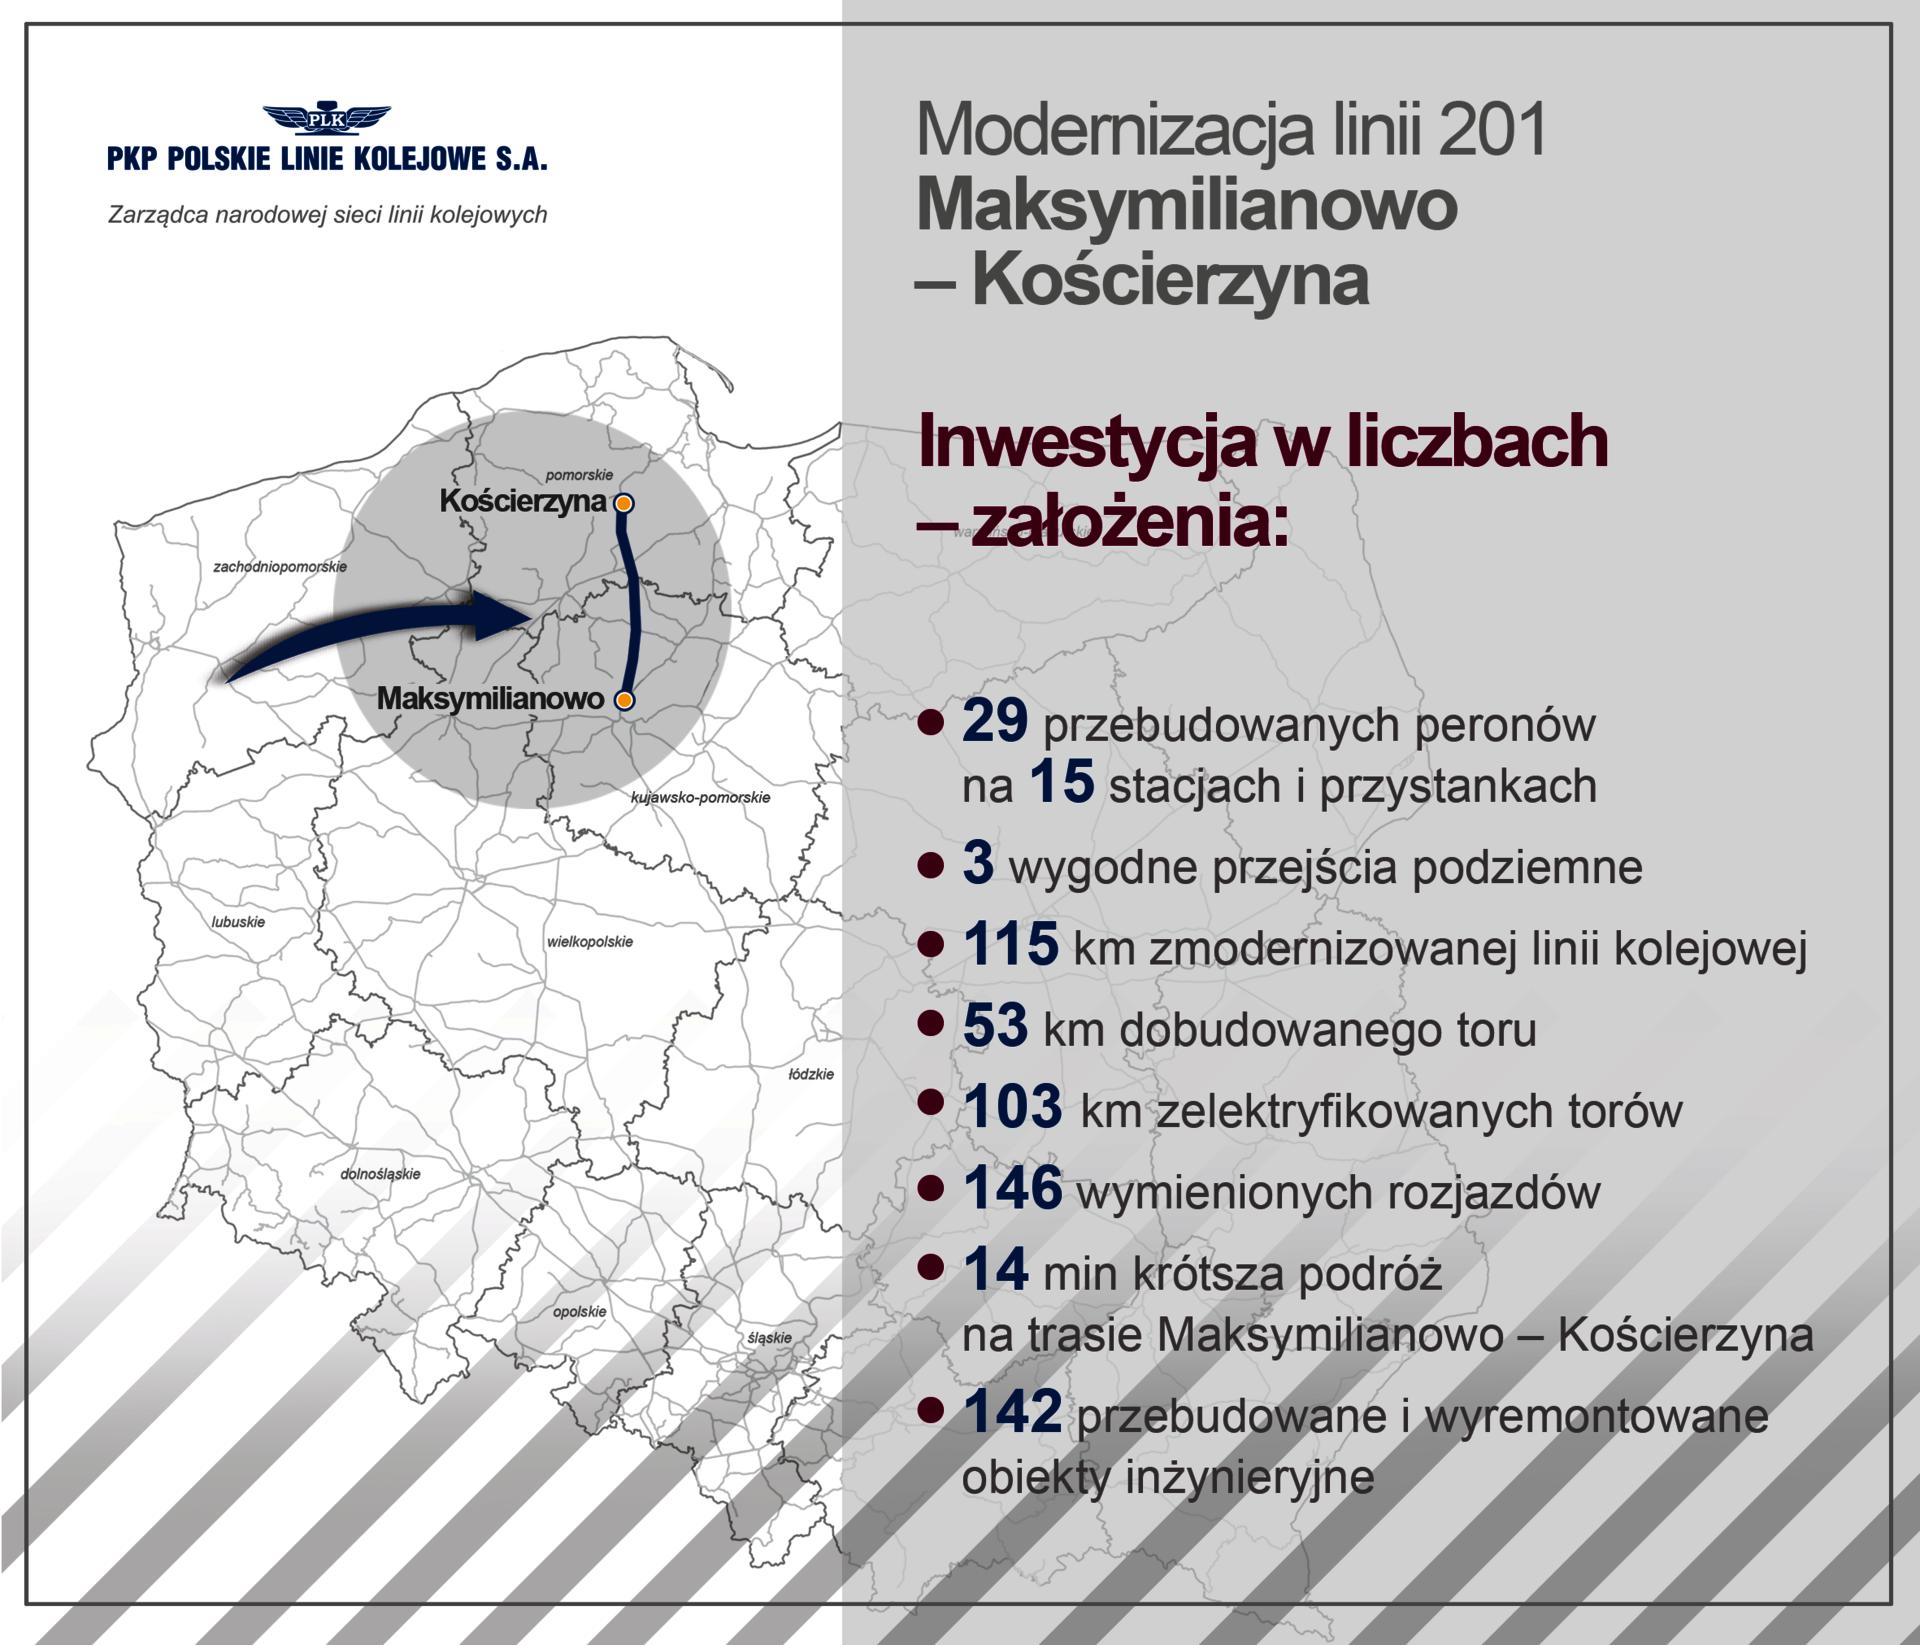 Modernizacja linii przyniesie wymierne korzyści. Fot, mat, pras.